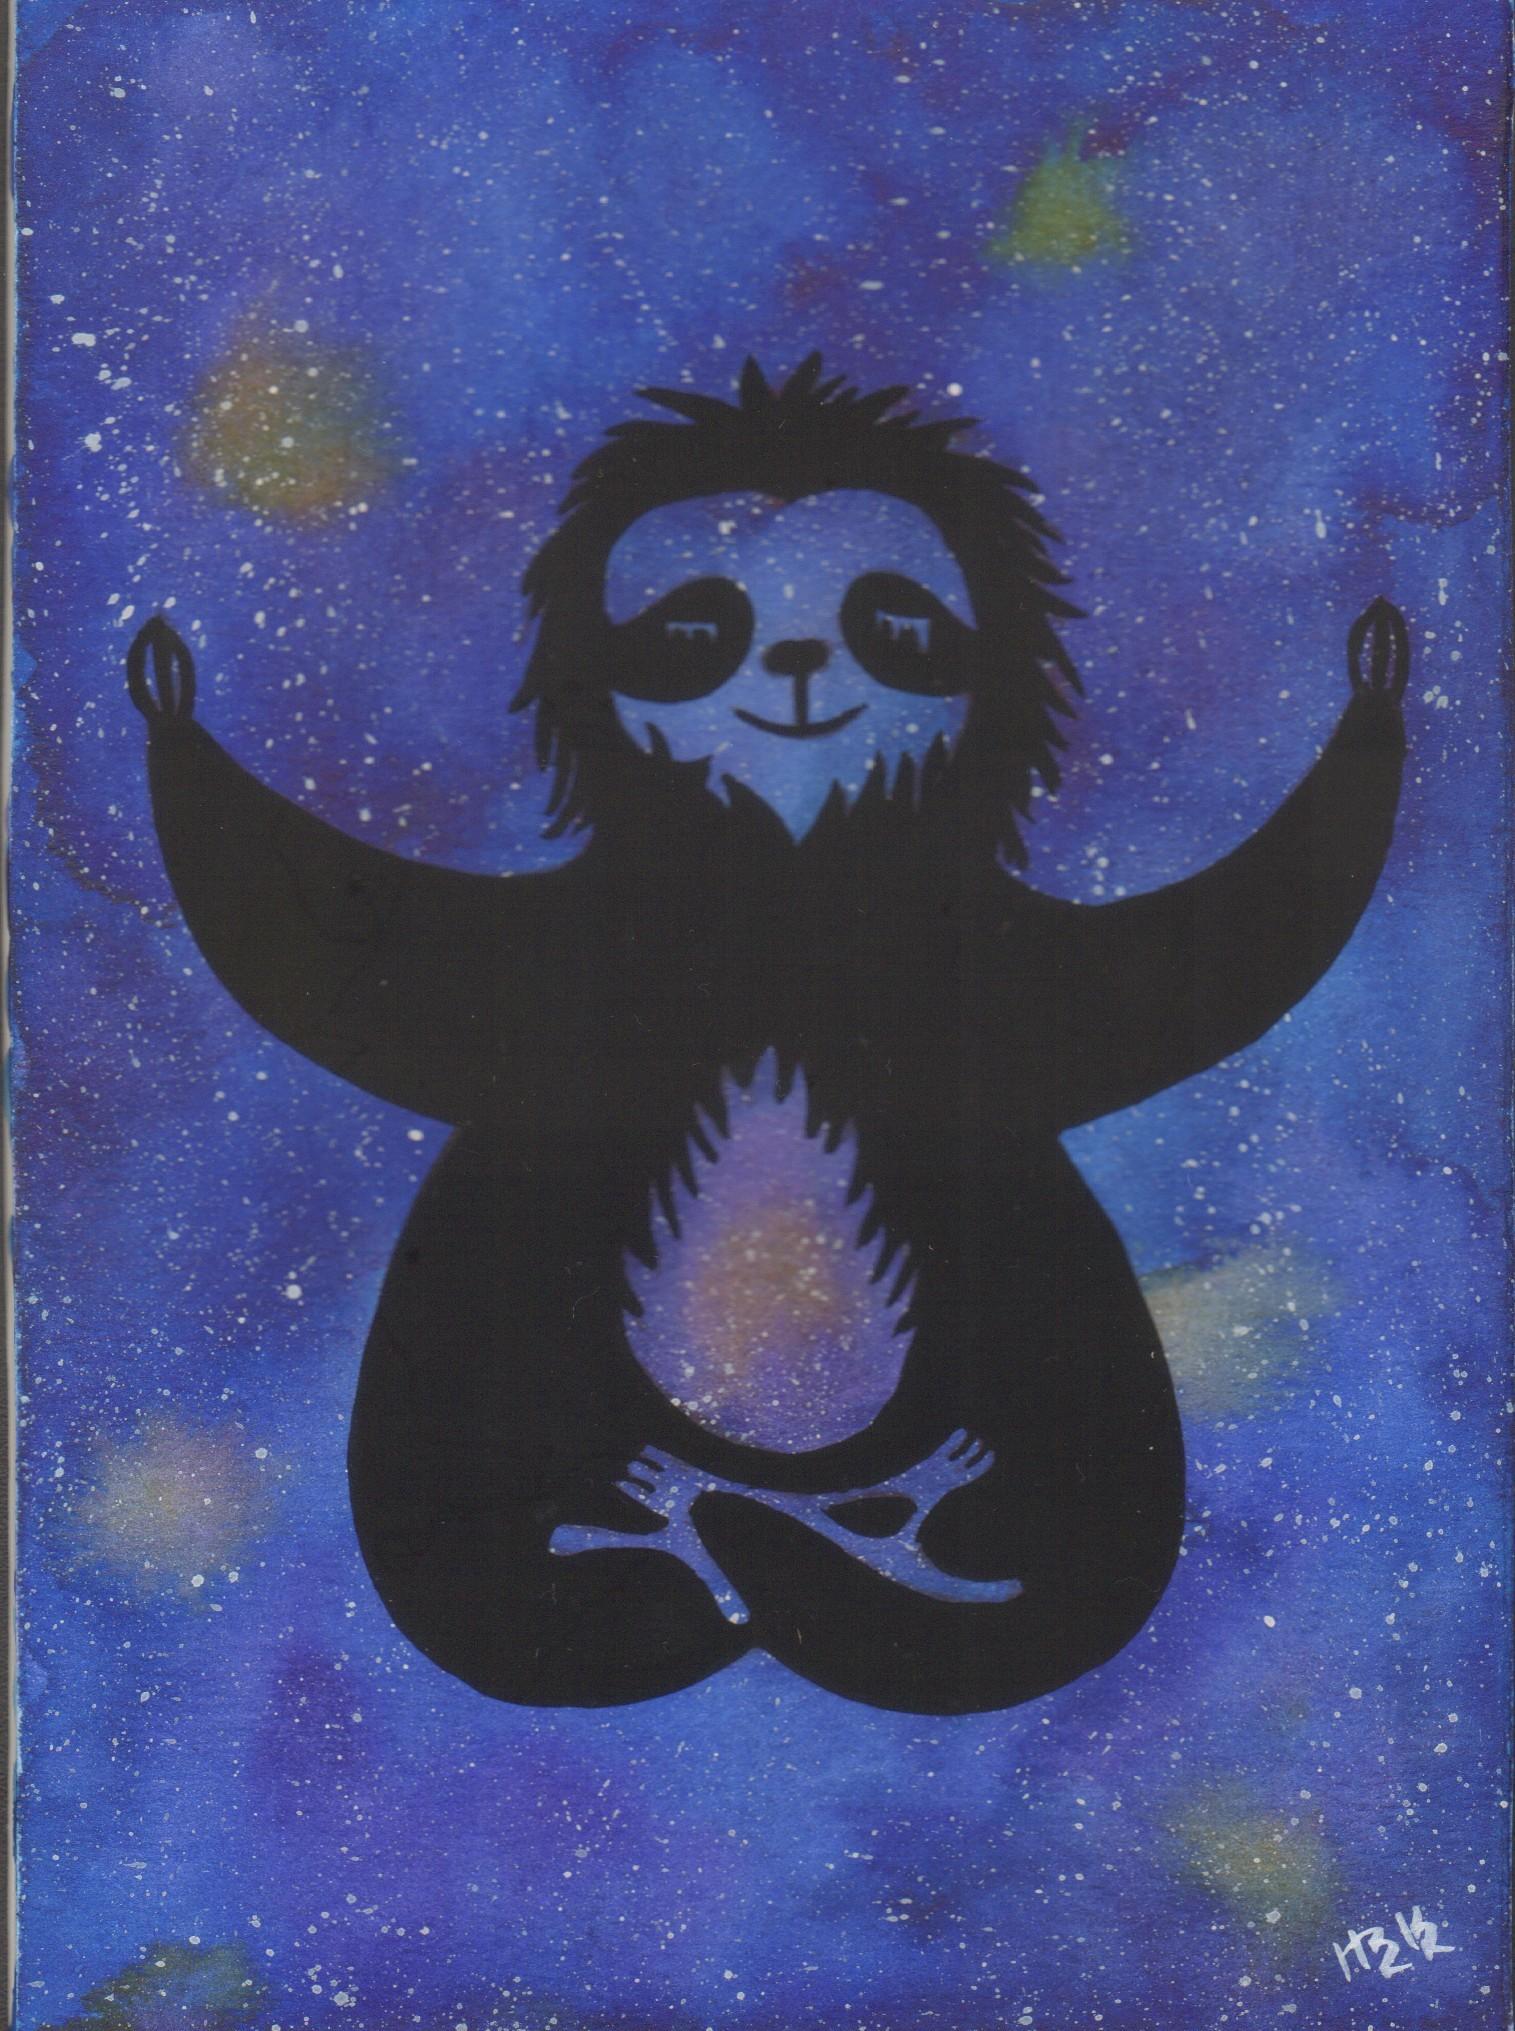 Galaxy Ohm Sloth